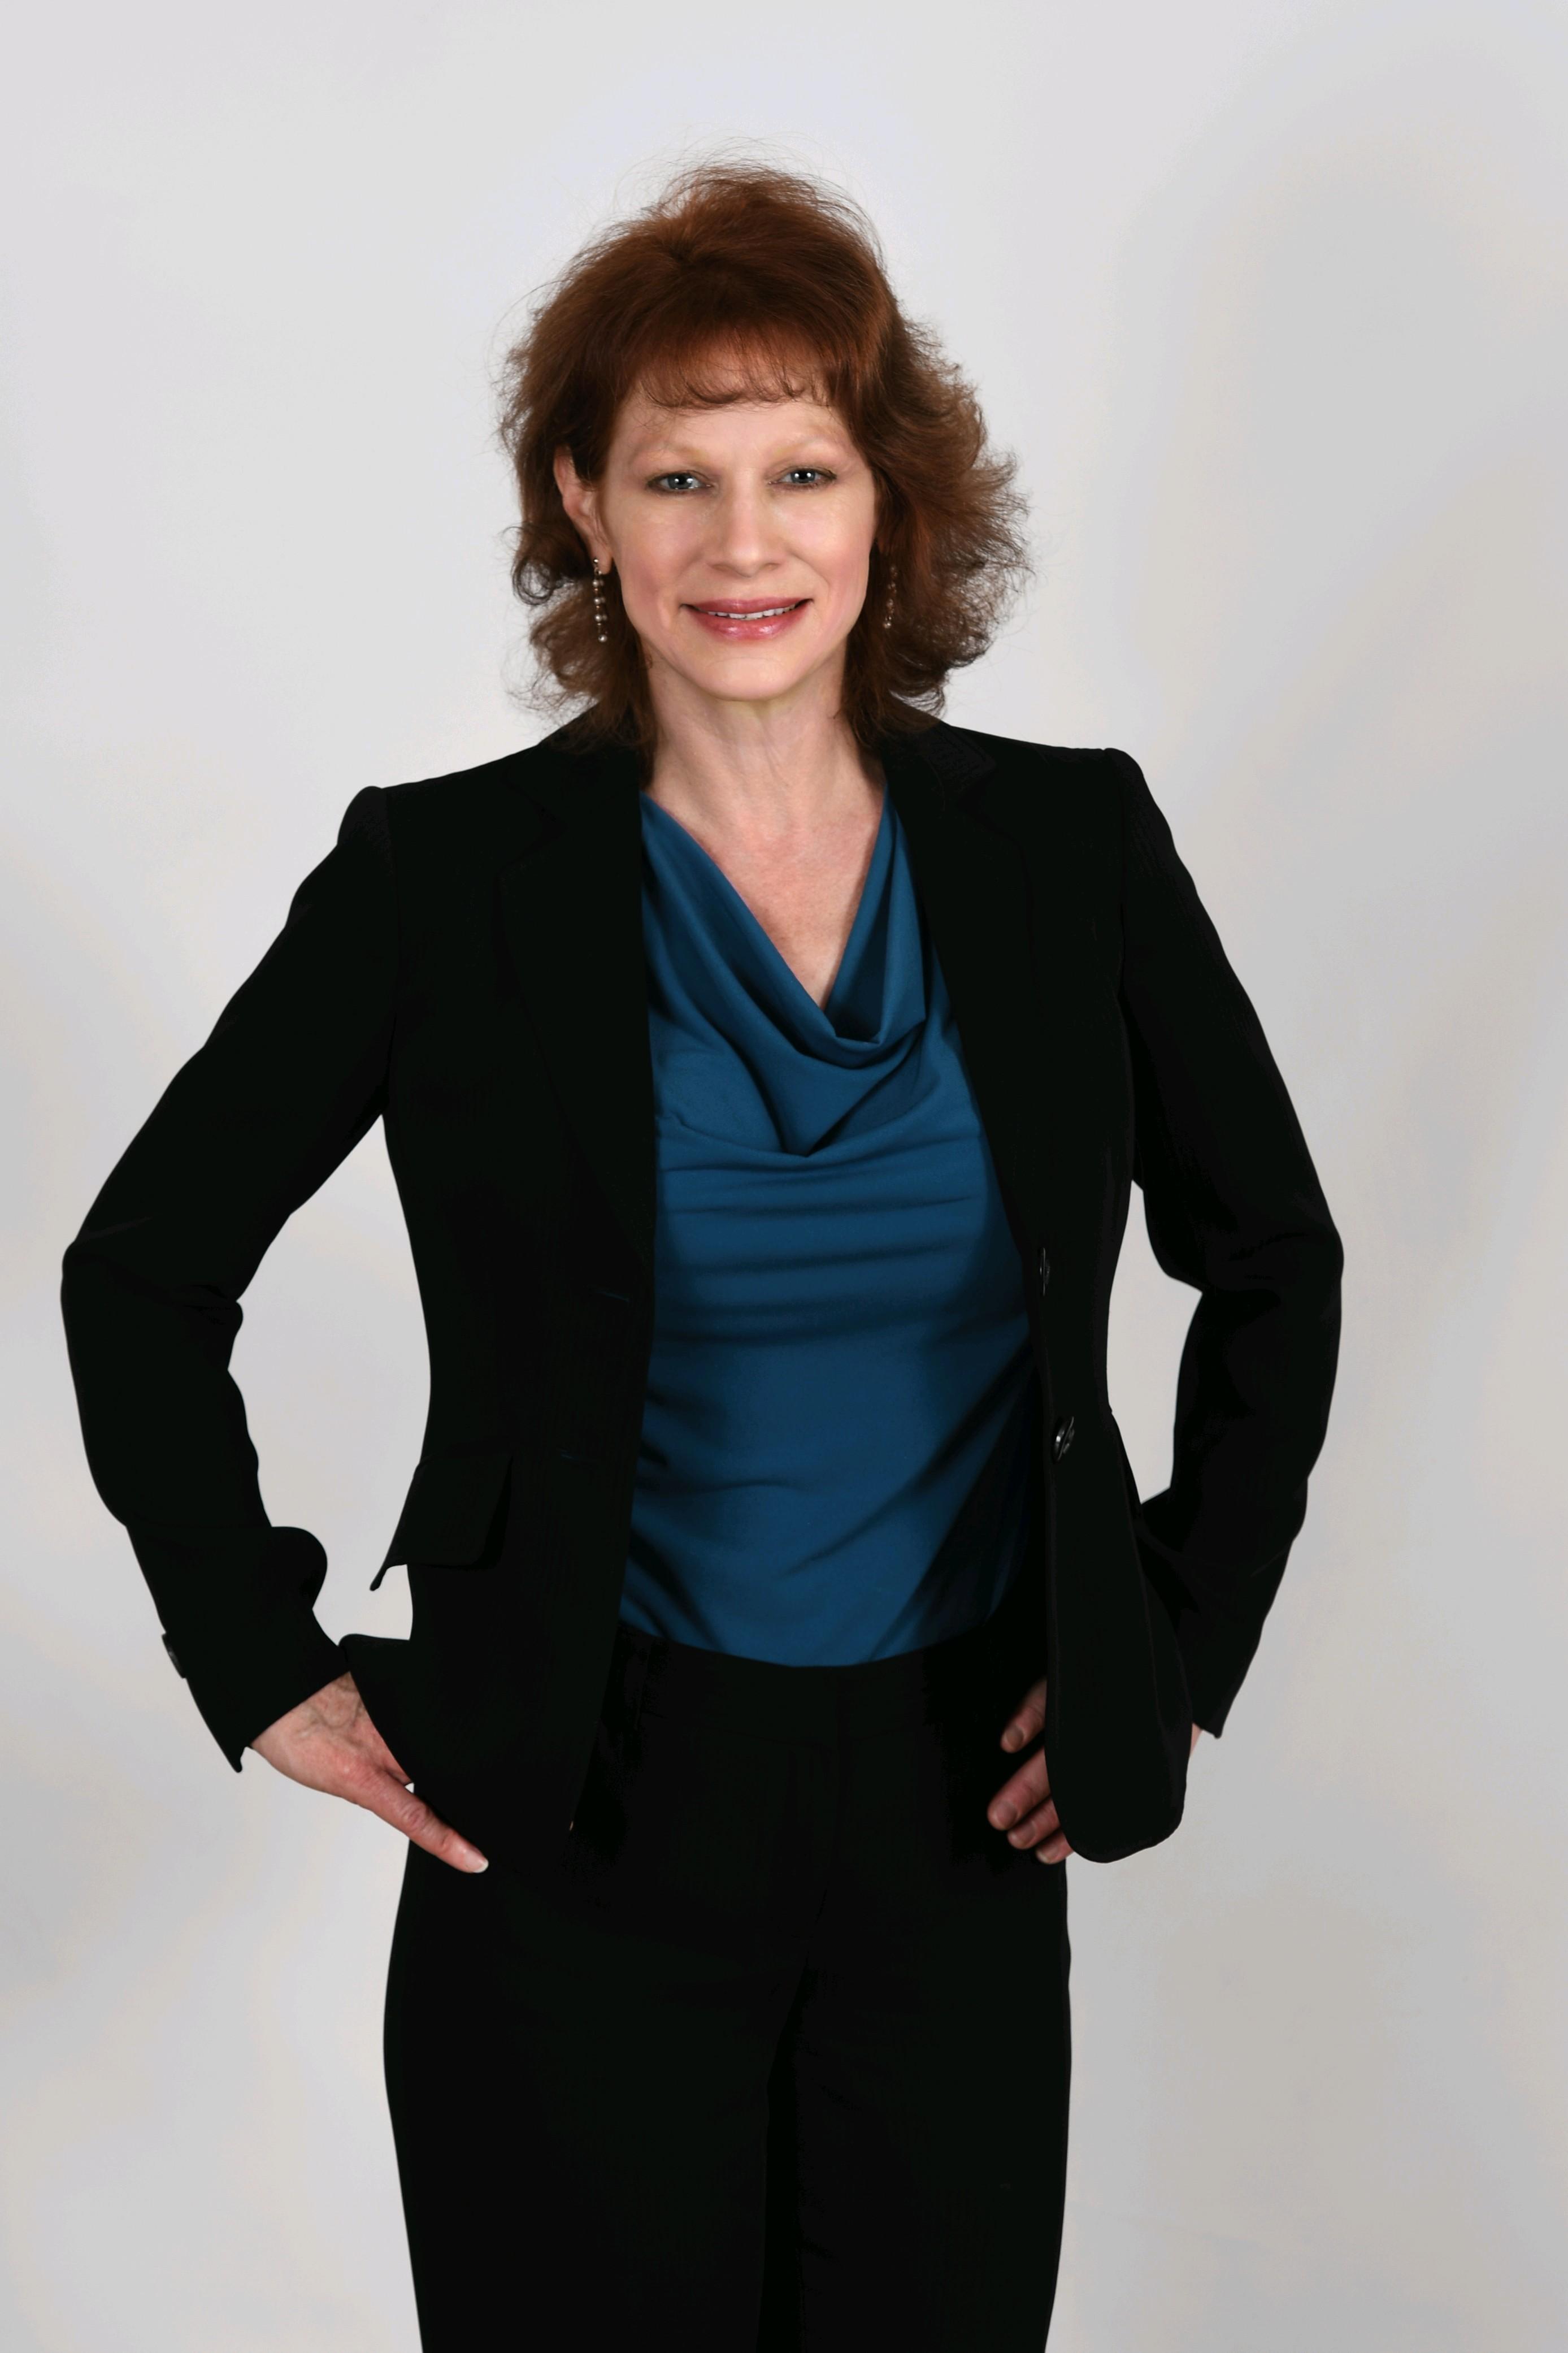 Debbie undefined Haefner